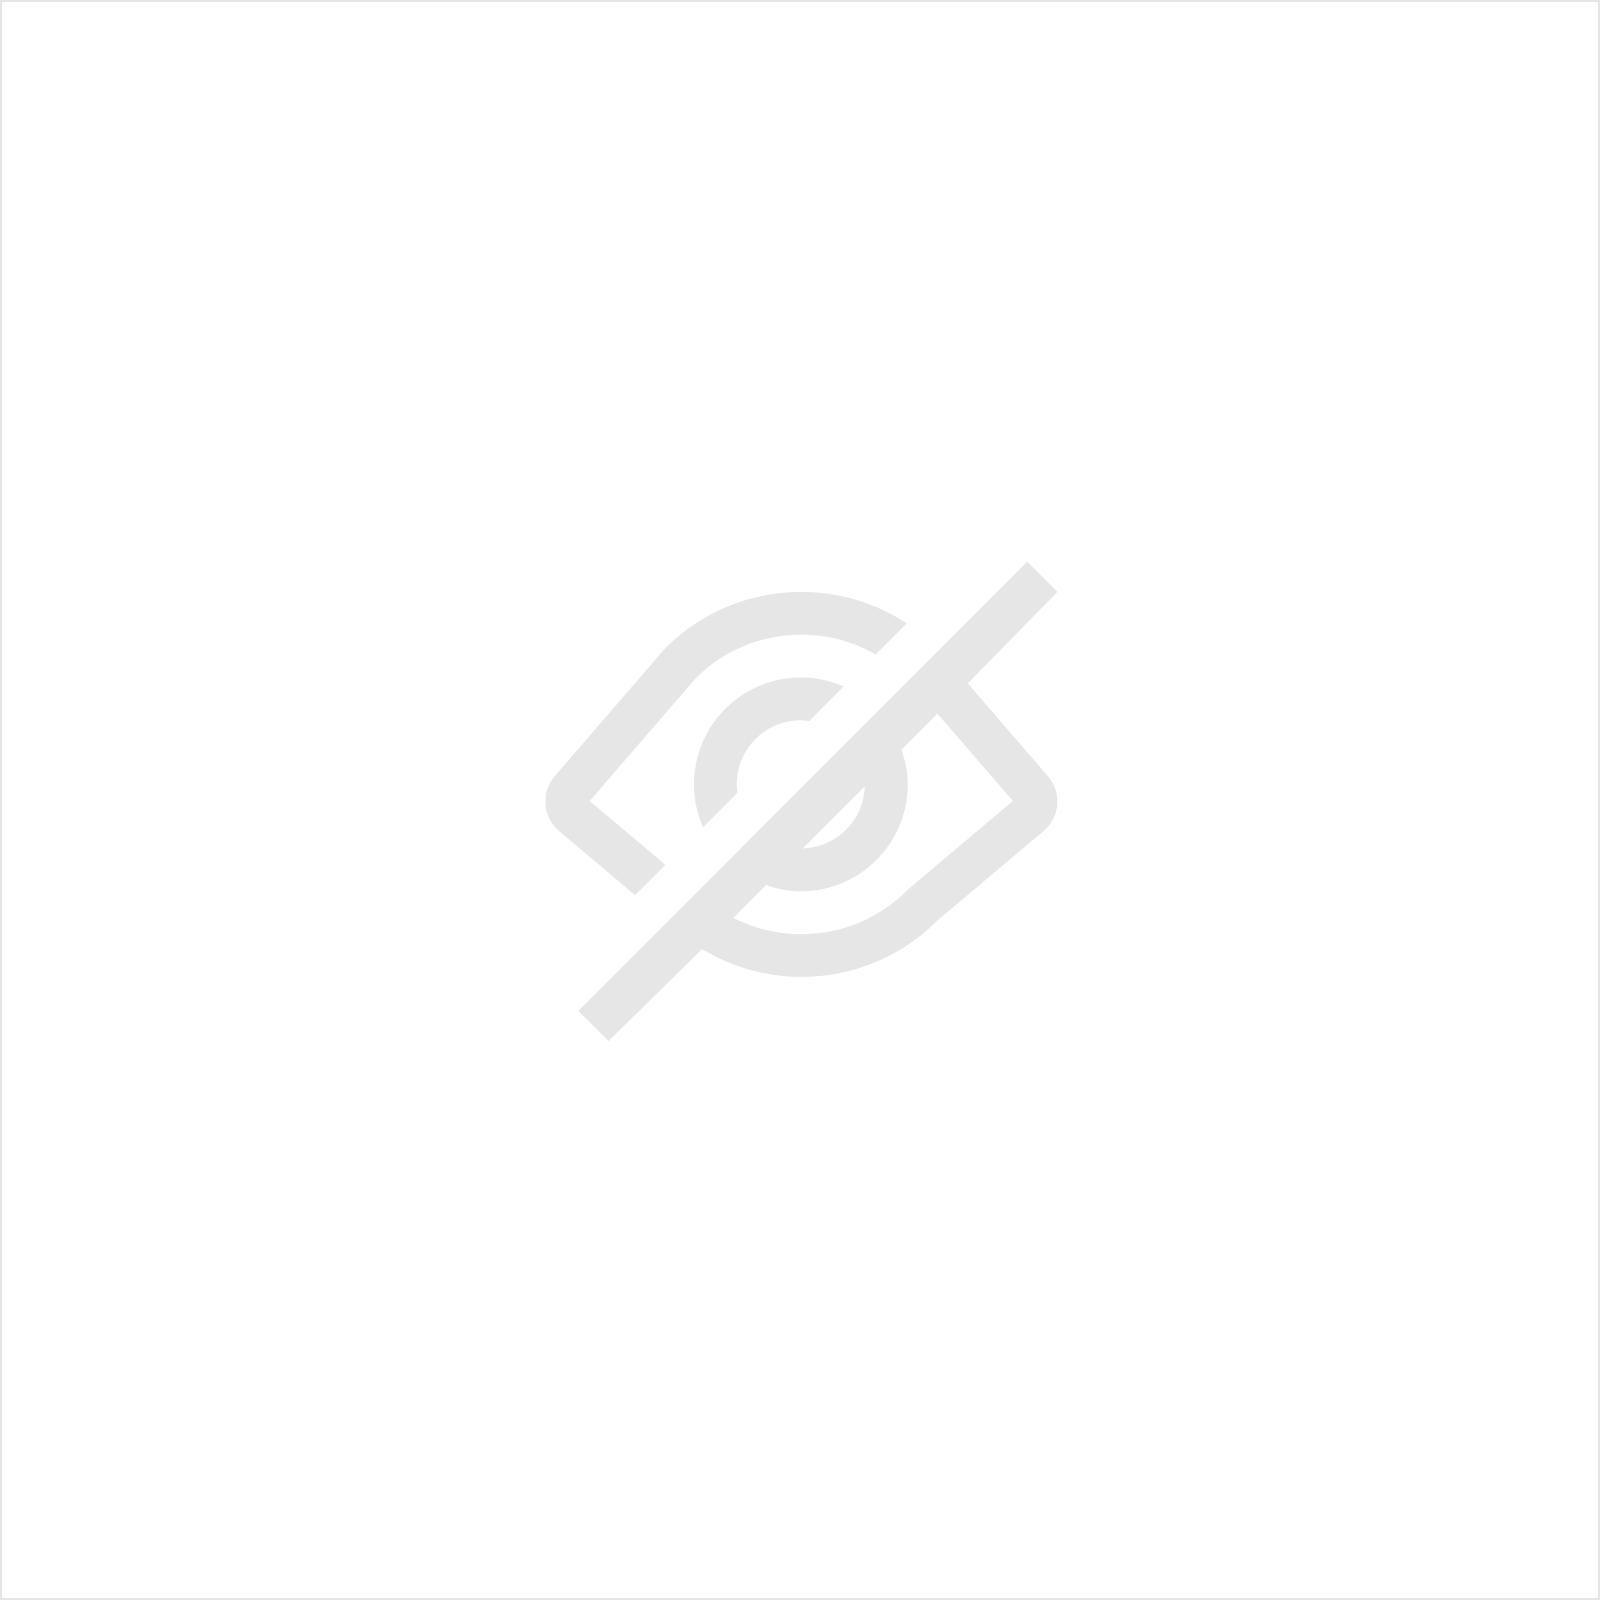 STRAALMIDDEL GLASPARELS PALETTE 1000 KG